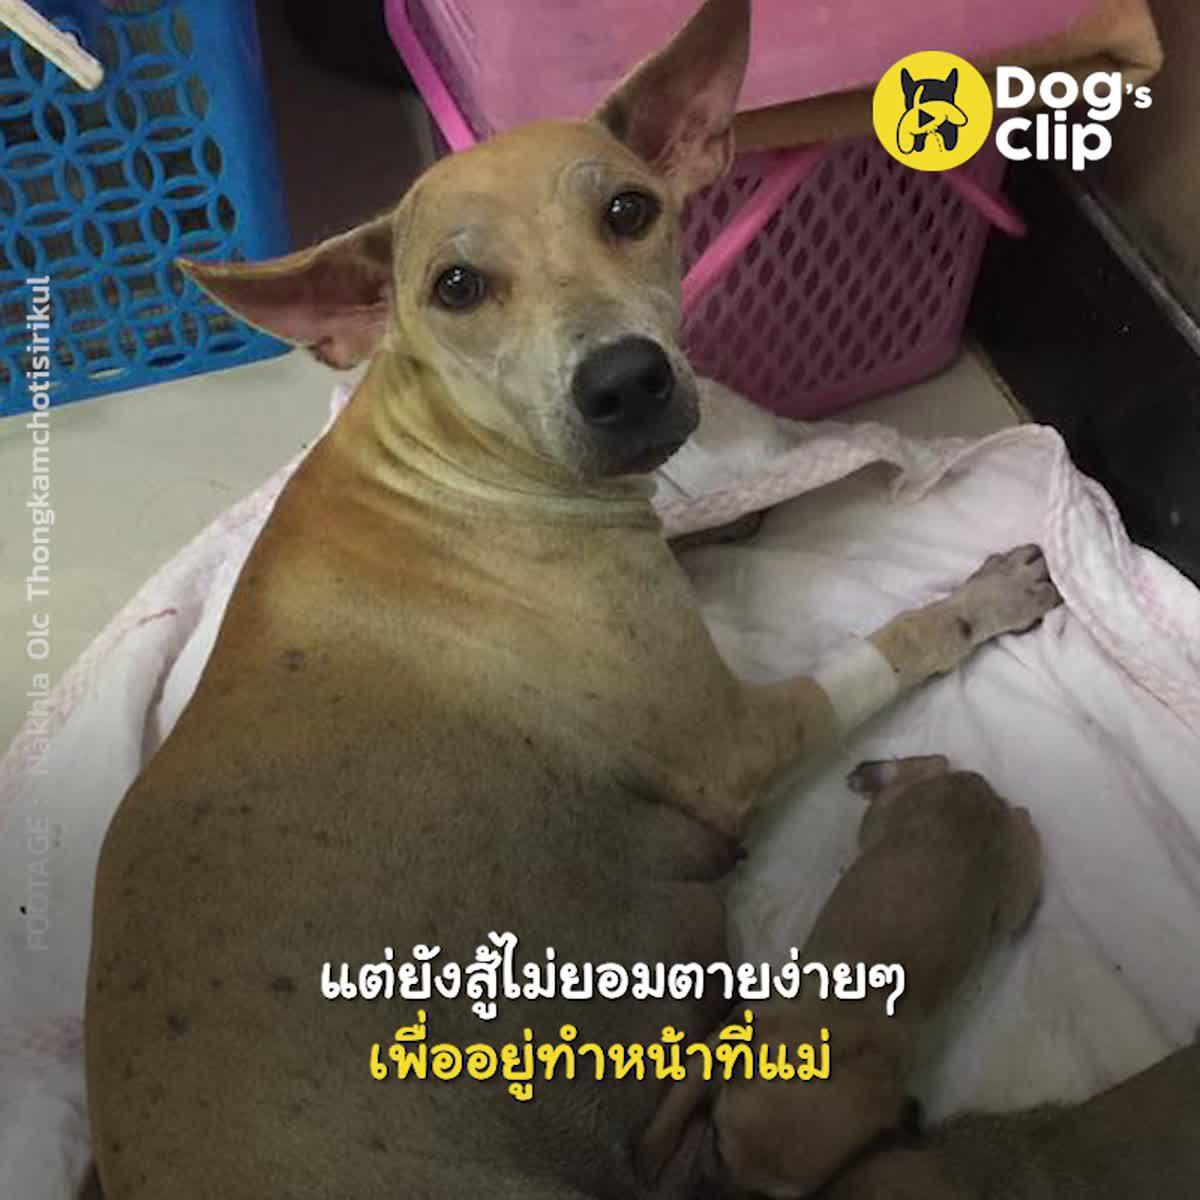 น้องหมาแม่ลูกอ่อนถูกรถชนหลังหัก ซ้ำร้ายยังถูกเจ้าของนำมาทิ้งวัด แต่ยังสู้ไม่ยอมตายง่ายๆเพื่ออยู่ทำหน้าที่แม่ | Dog's Clip